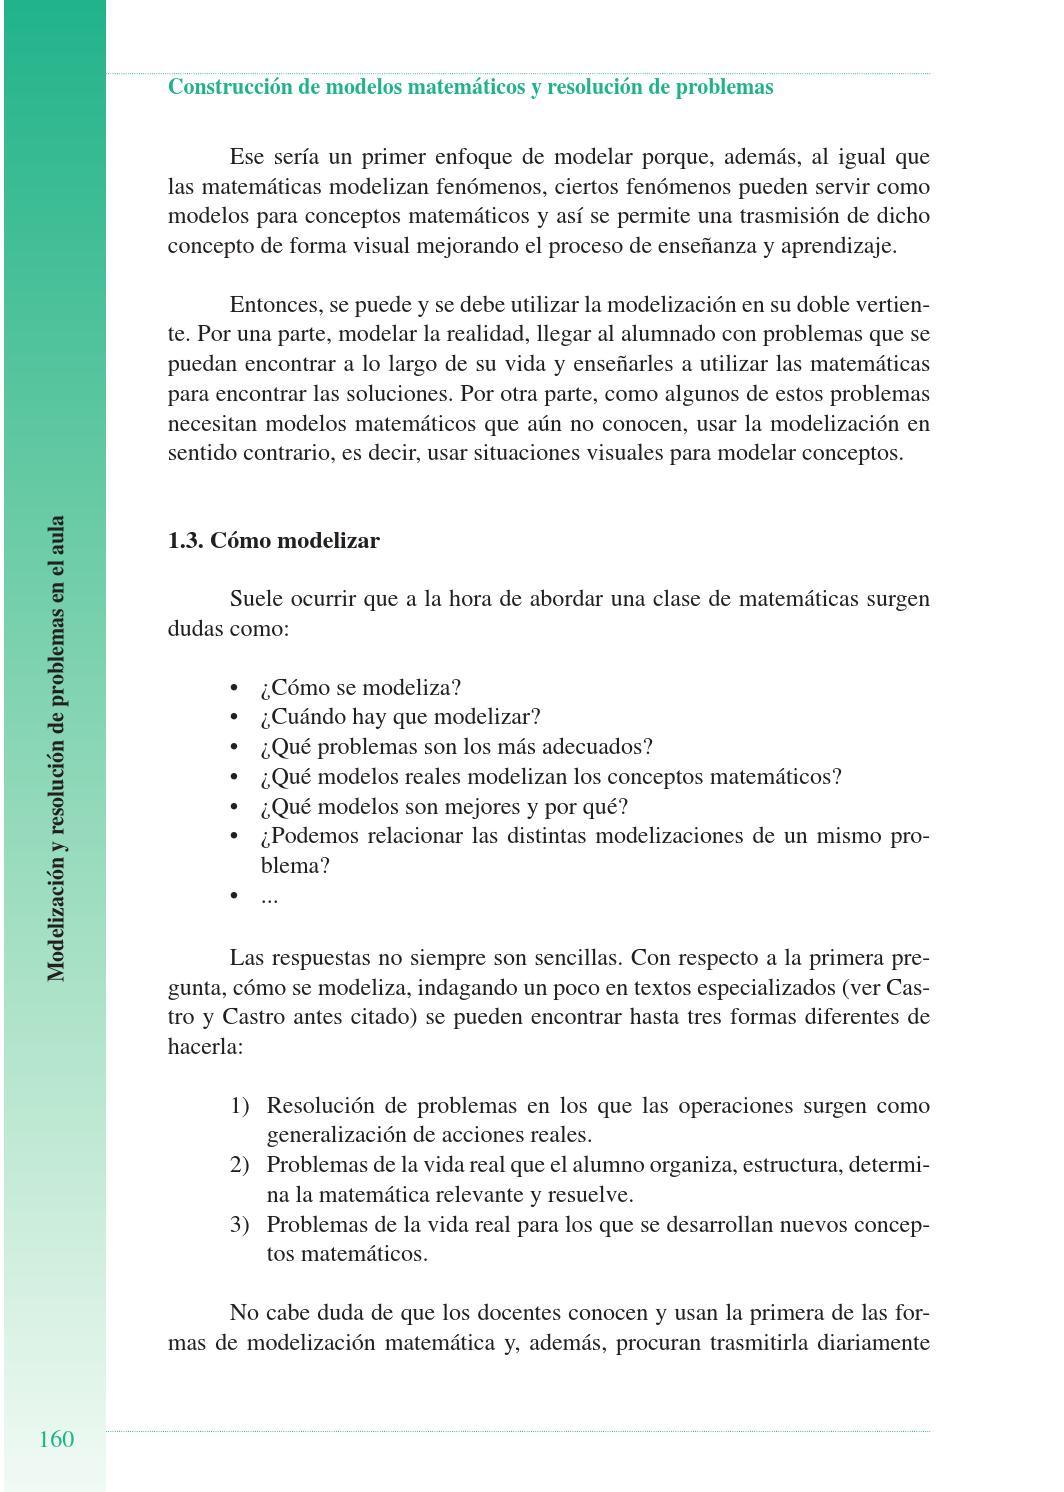 Construcción De Modelos Matemáticos Y Resolución De